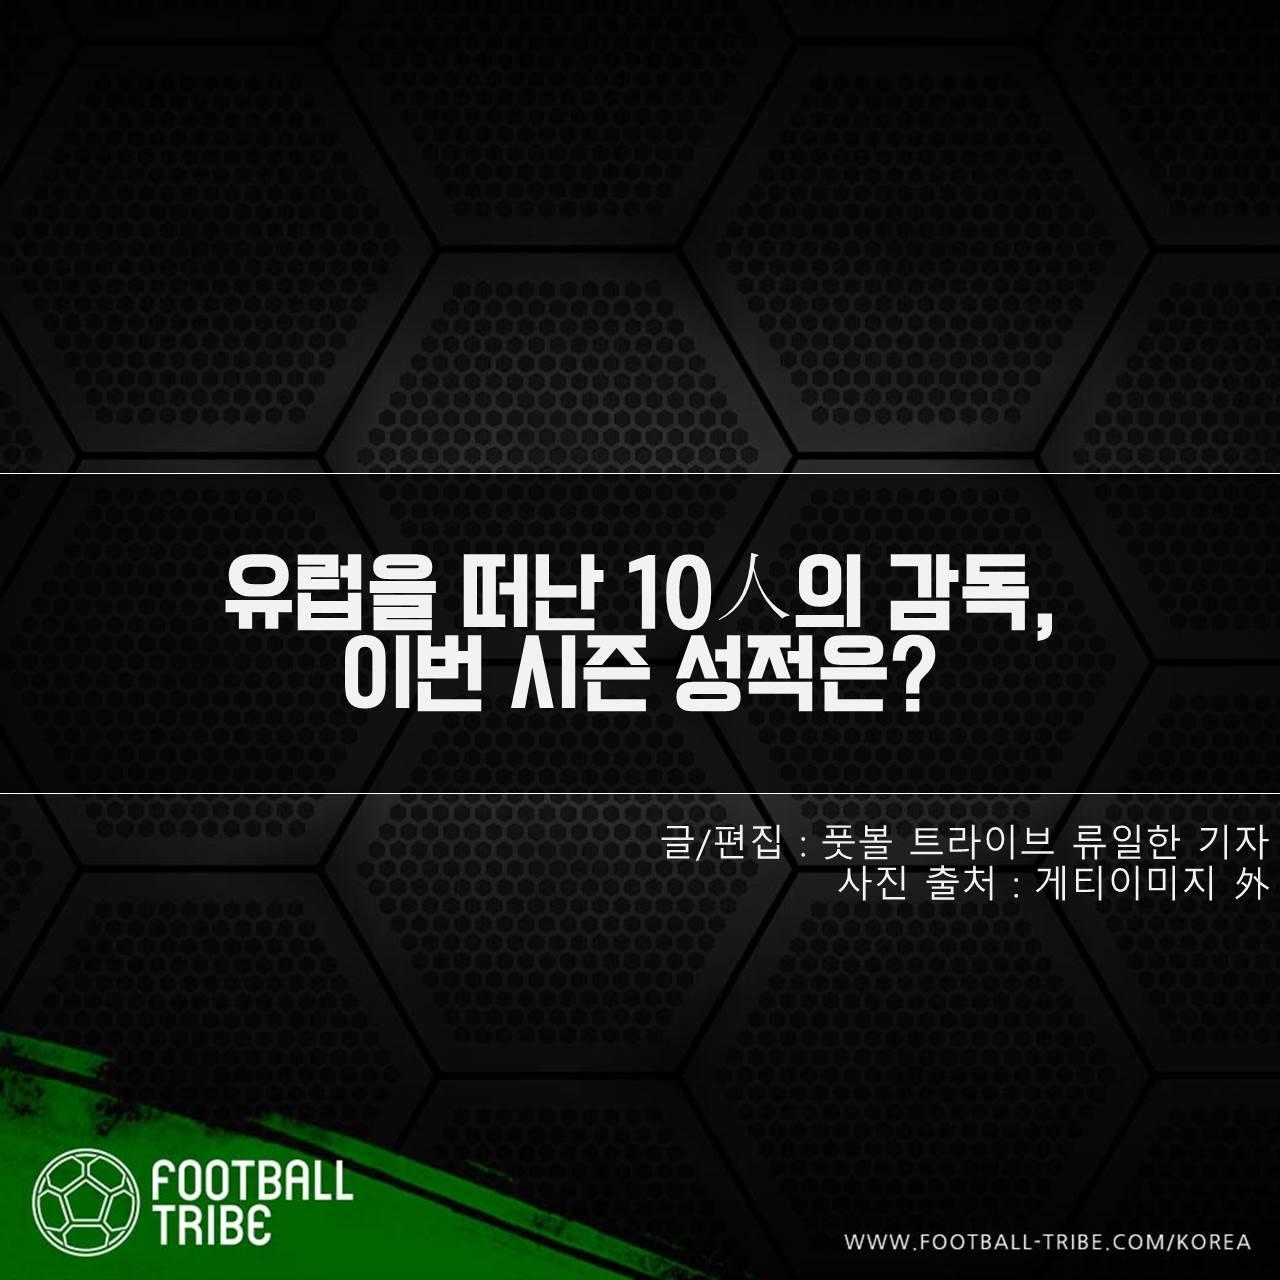 [카드 뉴스] 유럽을 떠난 10人의 감독, 이번 시즌 성적은?